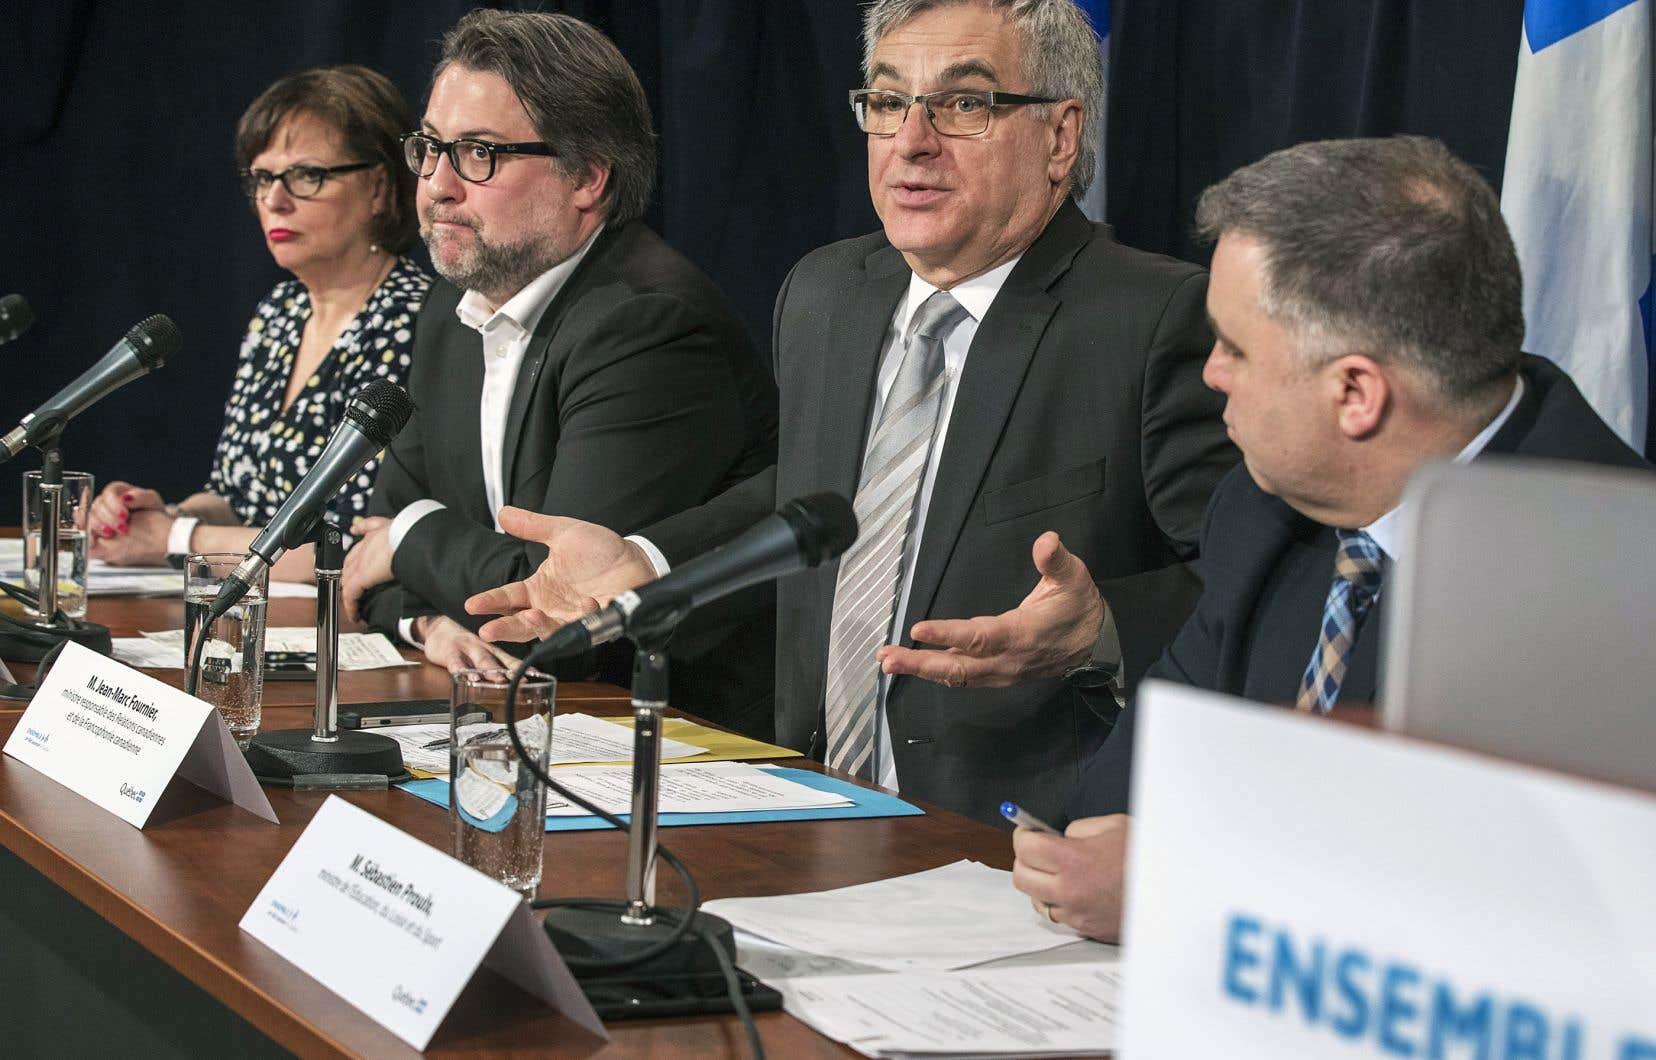 Les ministres Lucie Charlebois, David Heurtel, Jean-Marc Fournier et Sébastien Proulx ont été dépêchés devant les journalistes pour augmenter la pression sur le gouvernement fédéral.